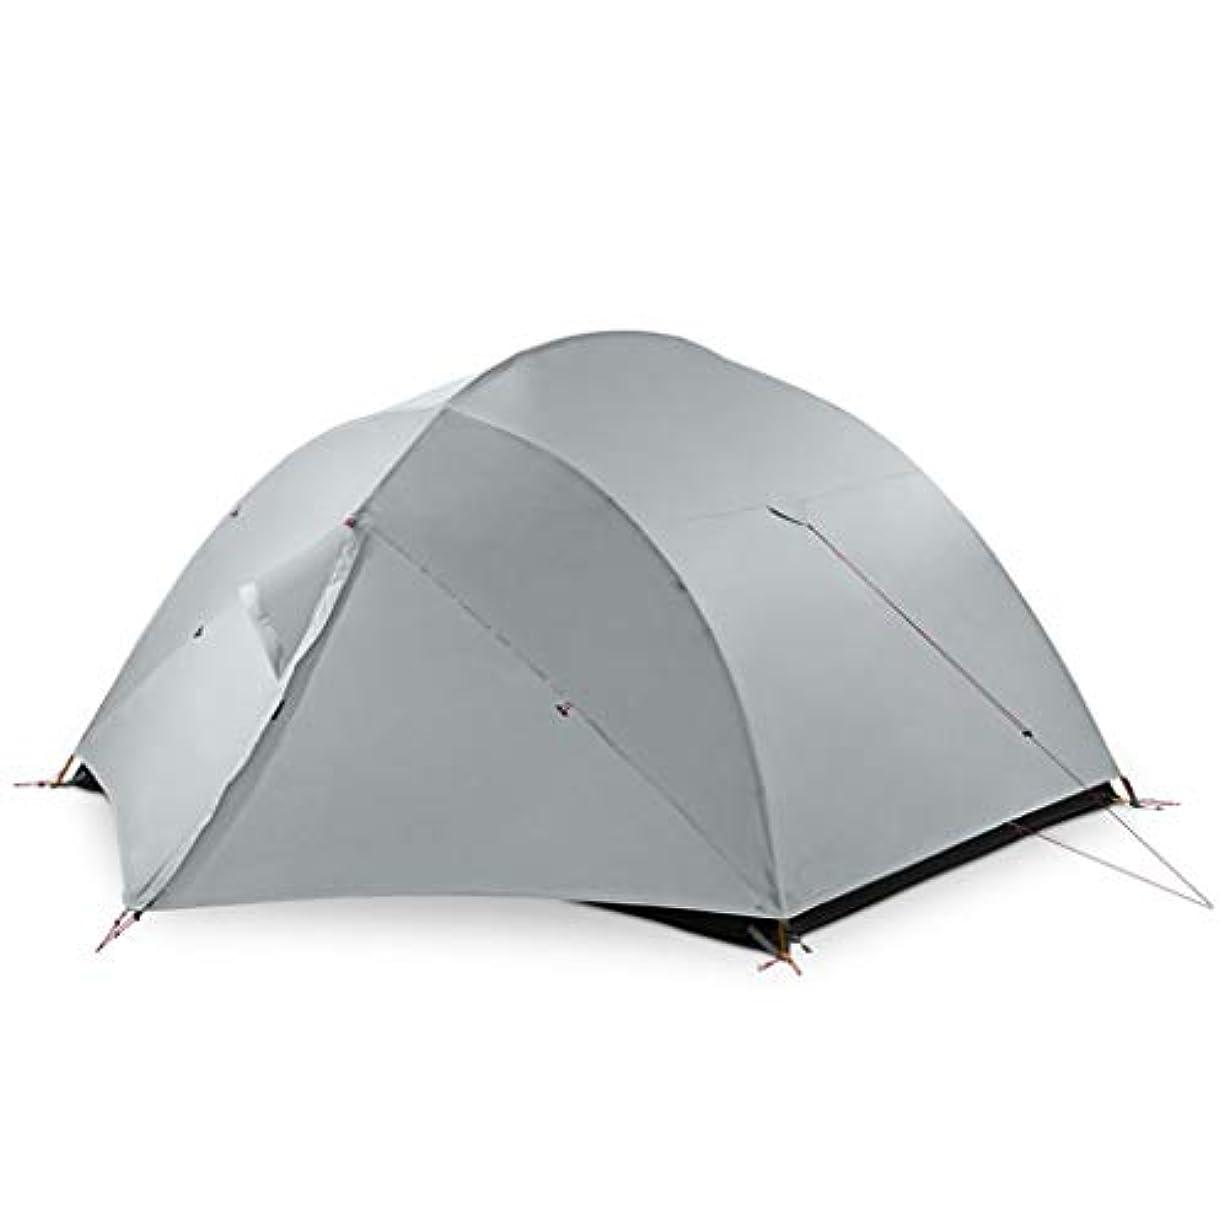 告白実質的に活気づけるテント 屋外家族キャンプキャンプダブル折りたたみ超軽量テントコーティングシリコン3-4人テントサイズ(210 * 170 * 125 cm)シルバー